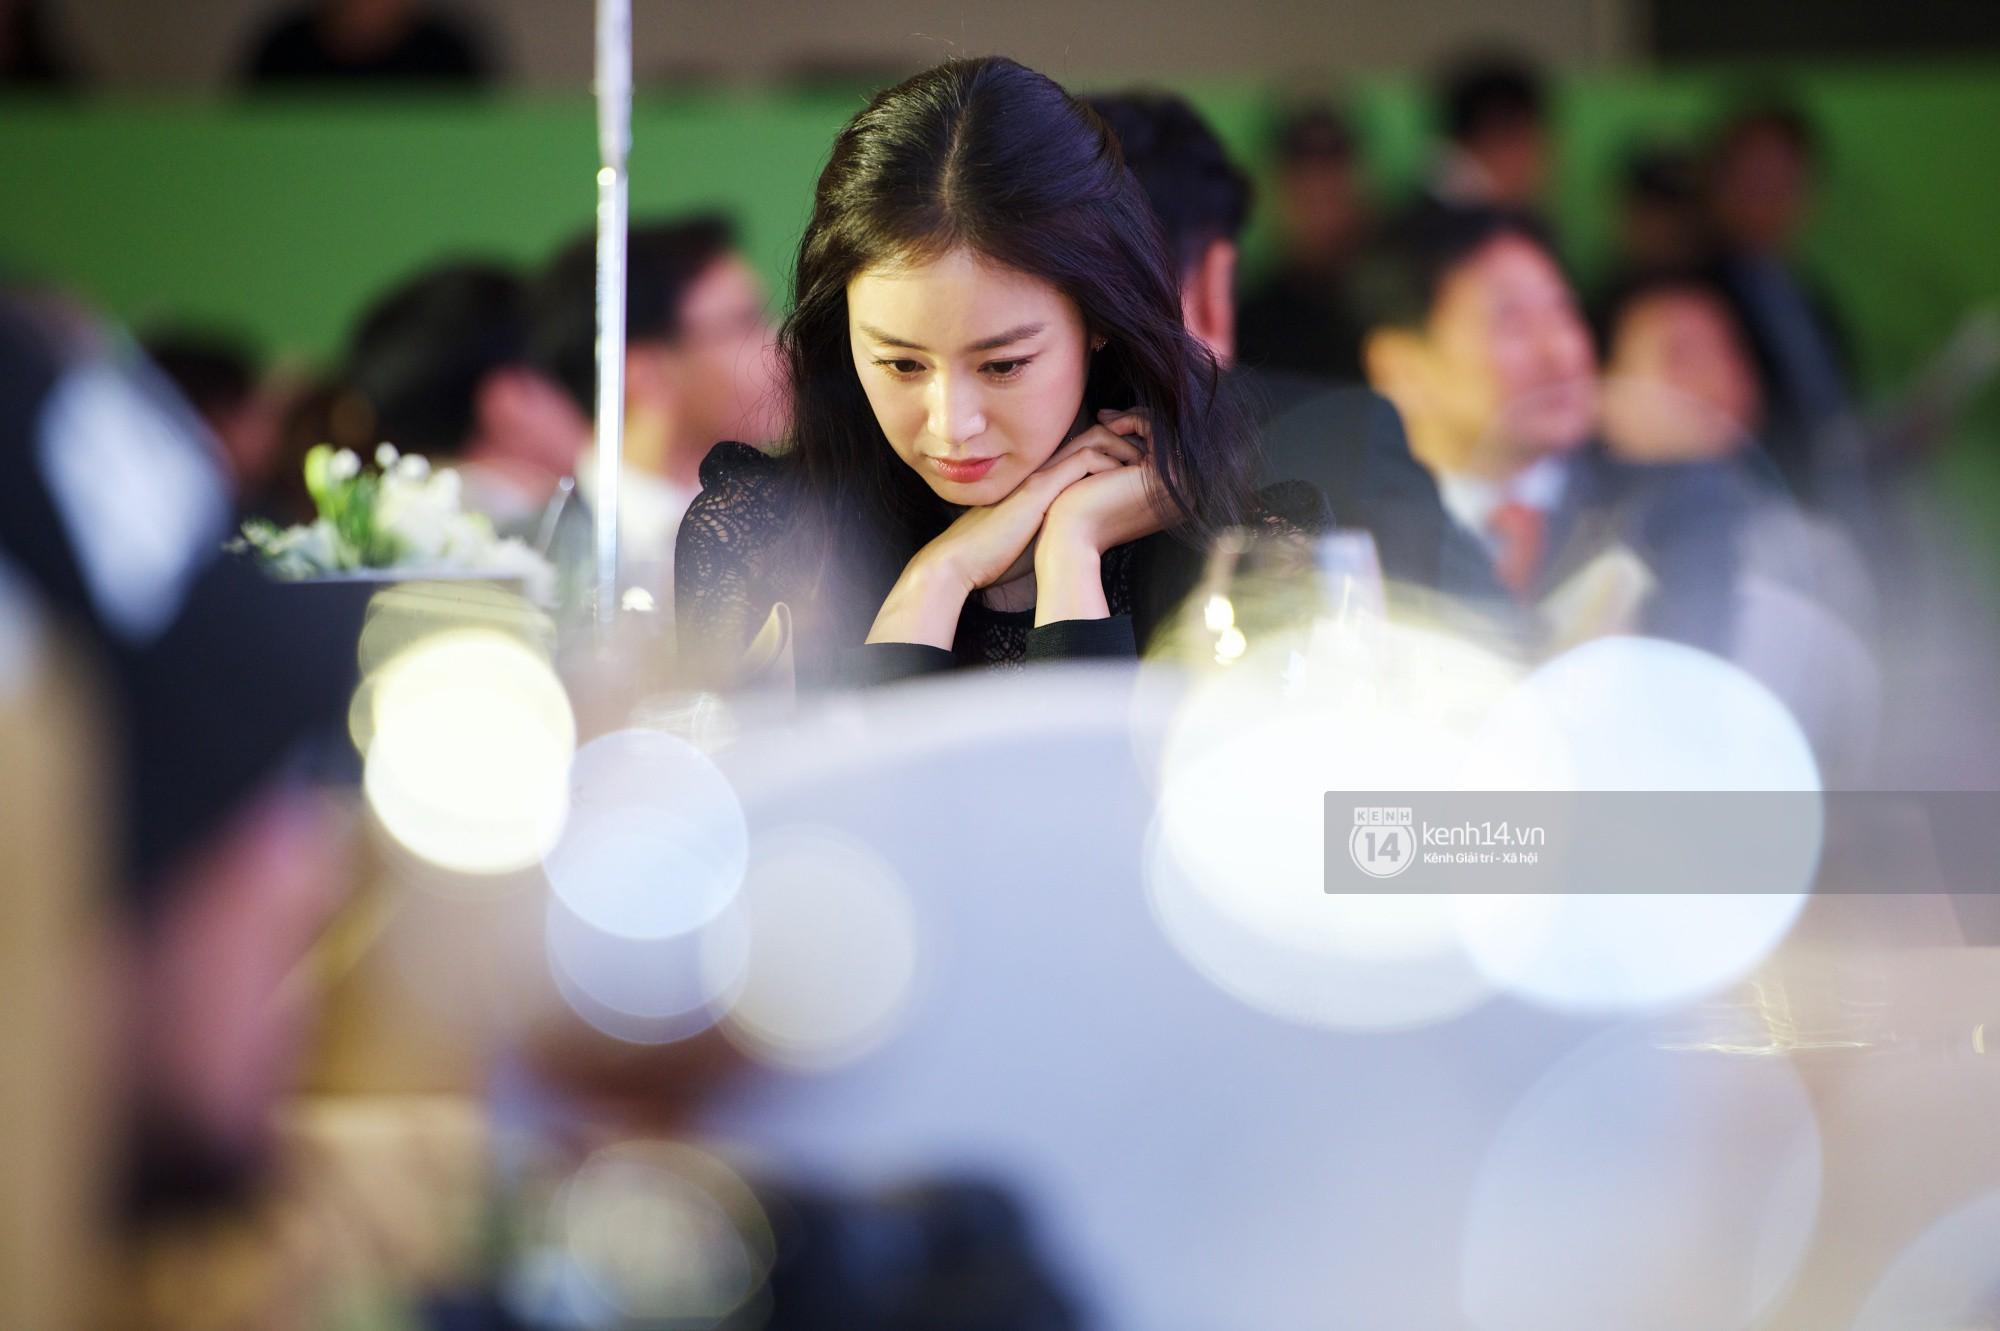 Bộ ảnh đẹp nhất của Kim Tae Hee tại đêm tiệc Hàn ở Hà Nội: Khoảnh khắc minh tinh châu Á hút hồn toàn bộ khán phòng-5